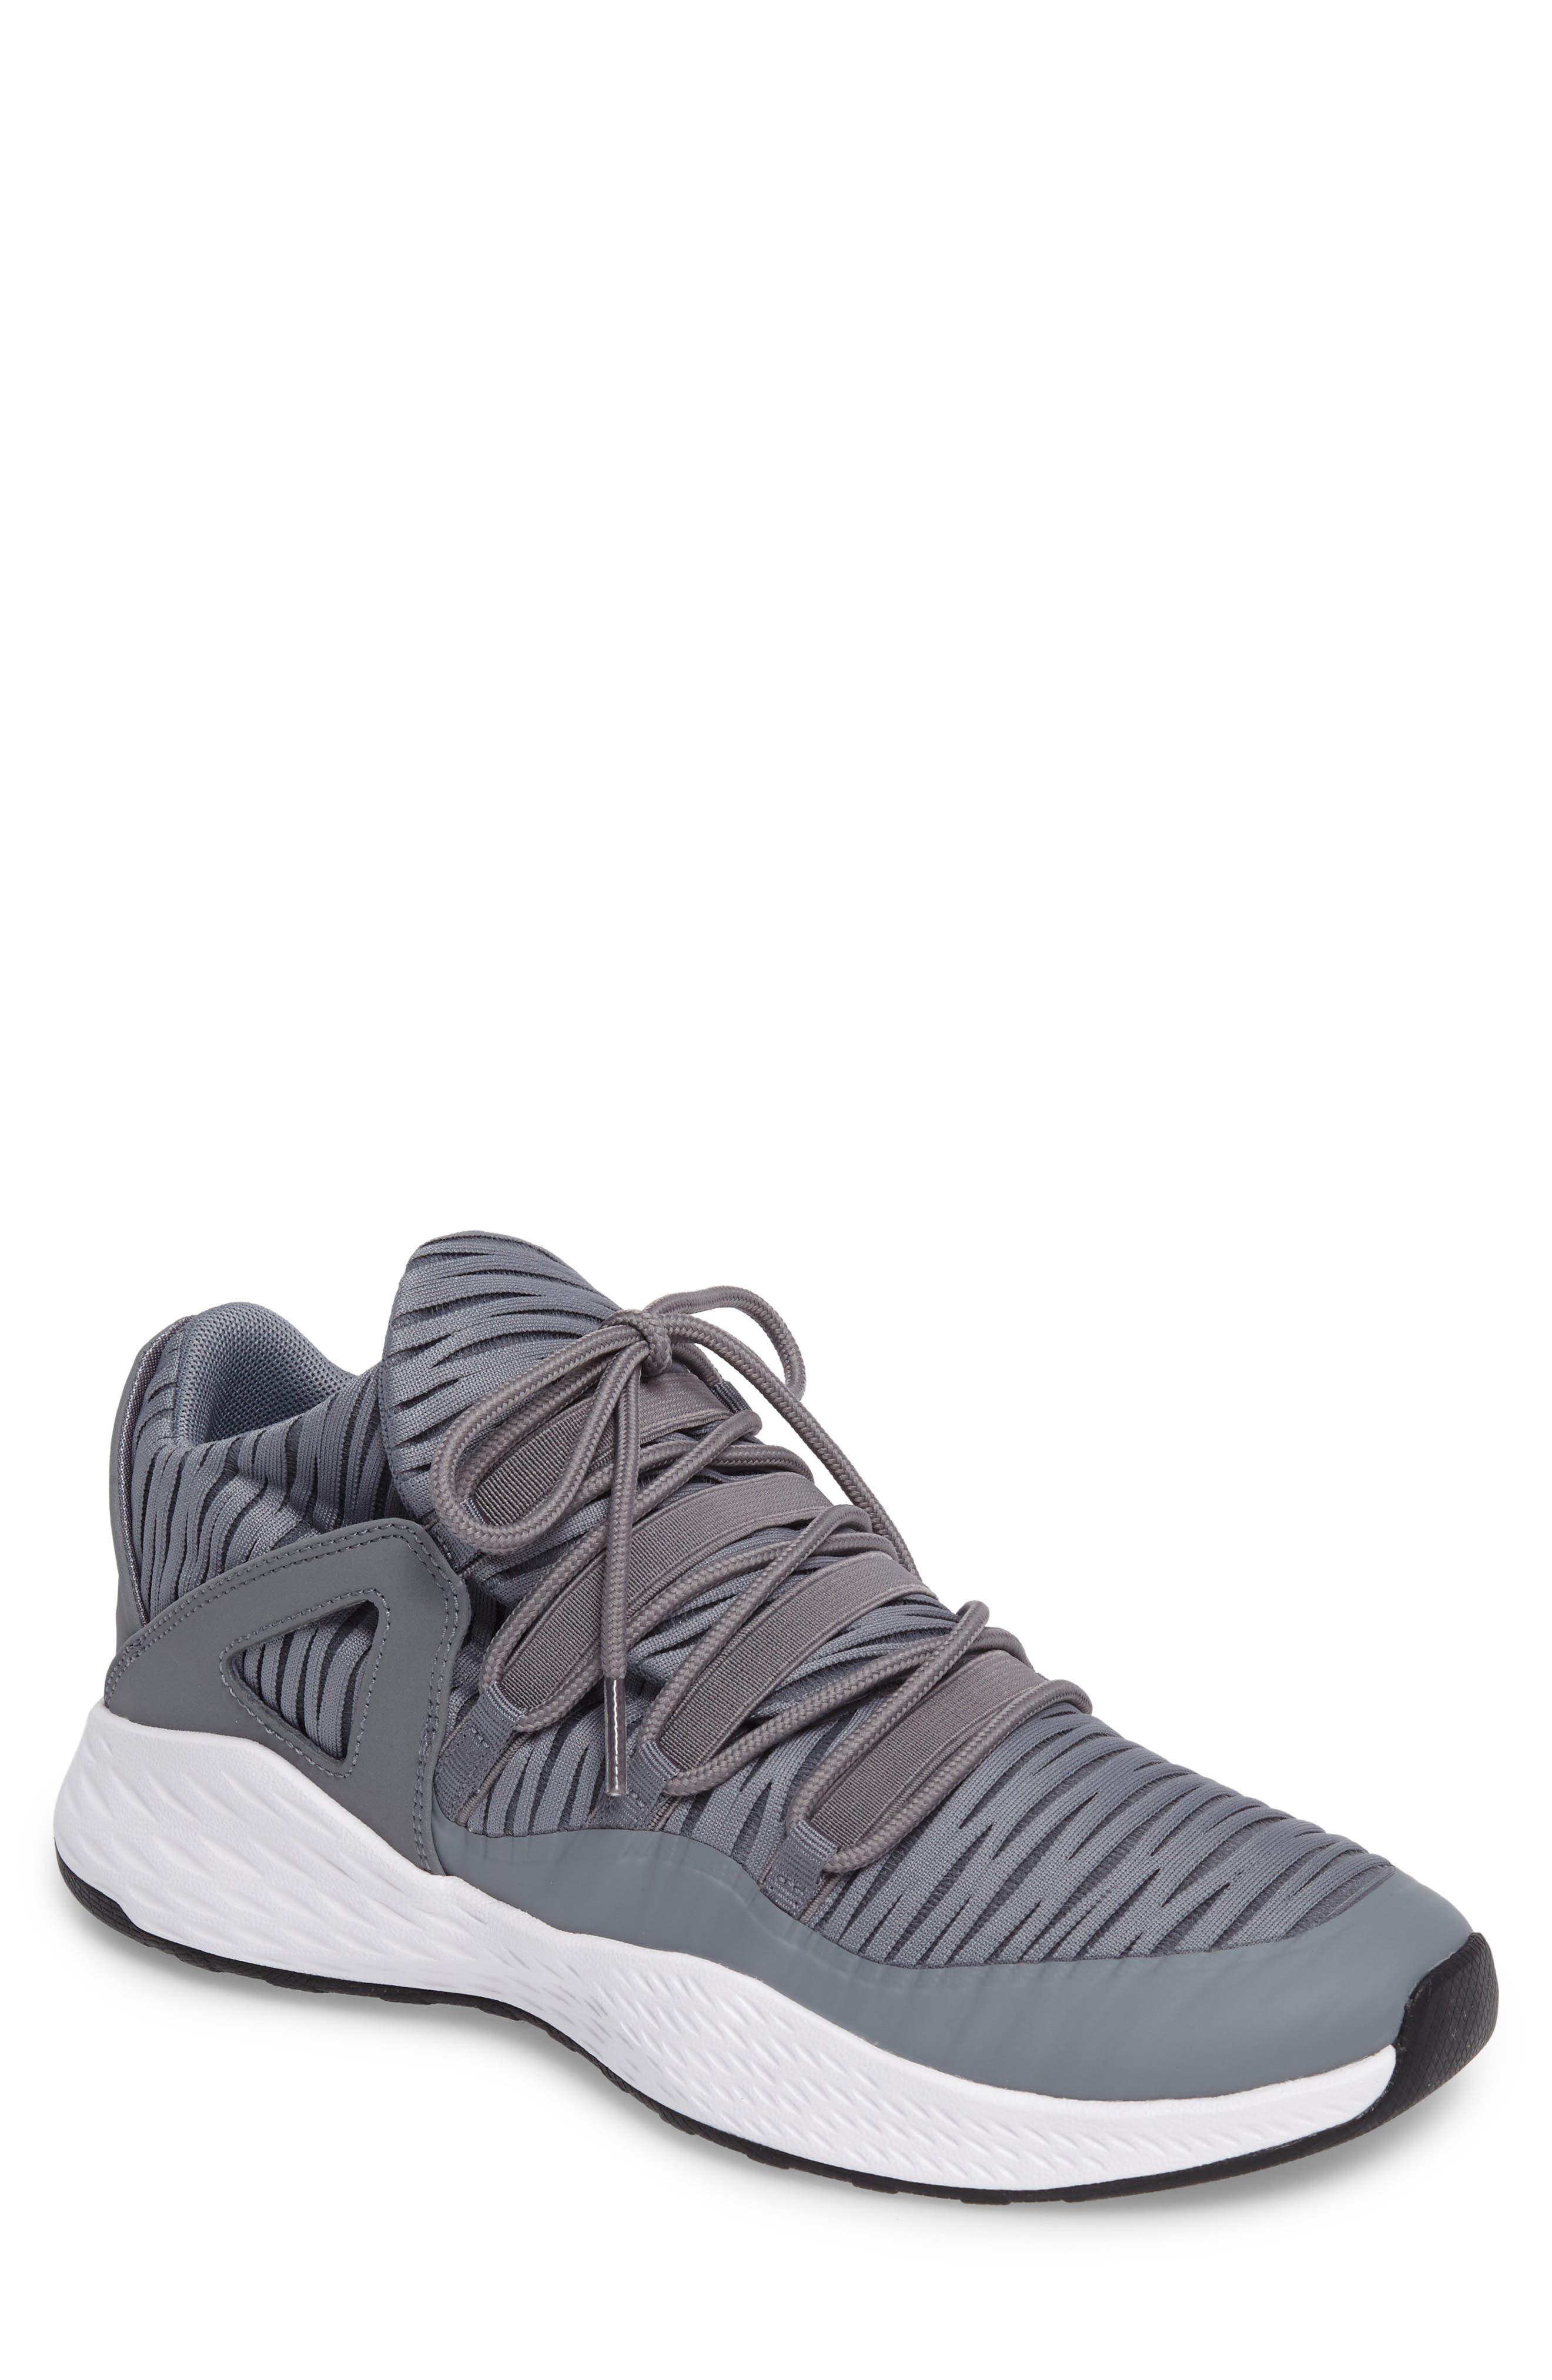 Jordan Formula 23 Low Sneaker,                             Main thumbnail 1, color,                             Cool Grey/ White/ Black